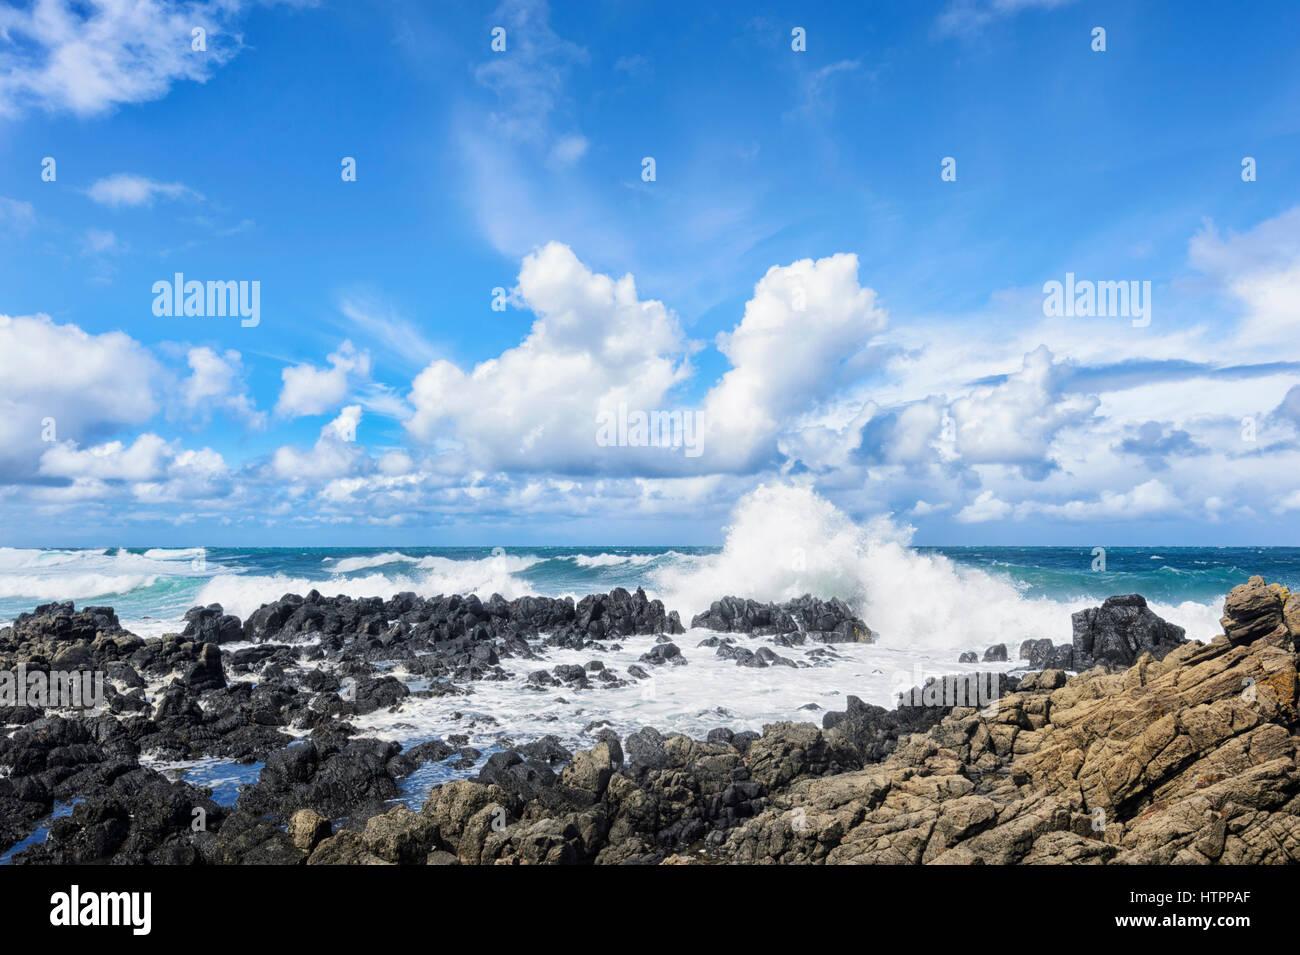 Mar gruesa con grandes olas en la costa Minnamurra, Illawarra, Nueva Gales del Sur (NSW, Australia Imagen De Stock